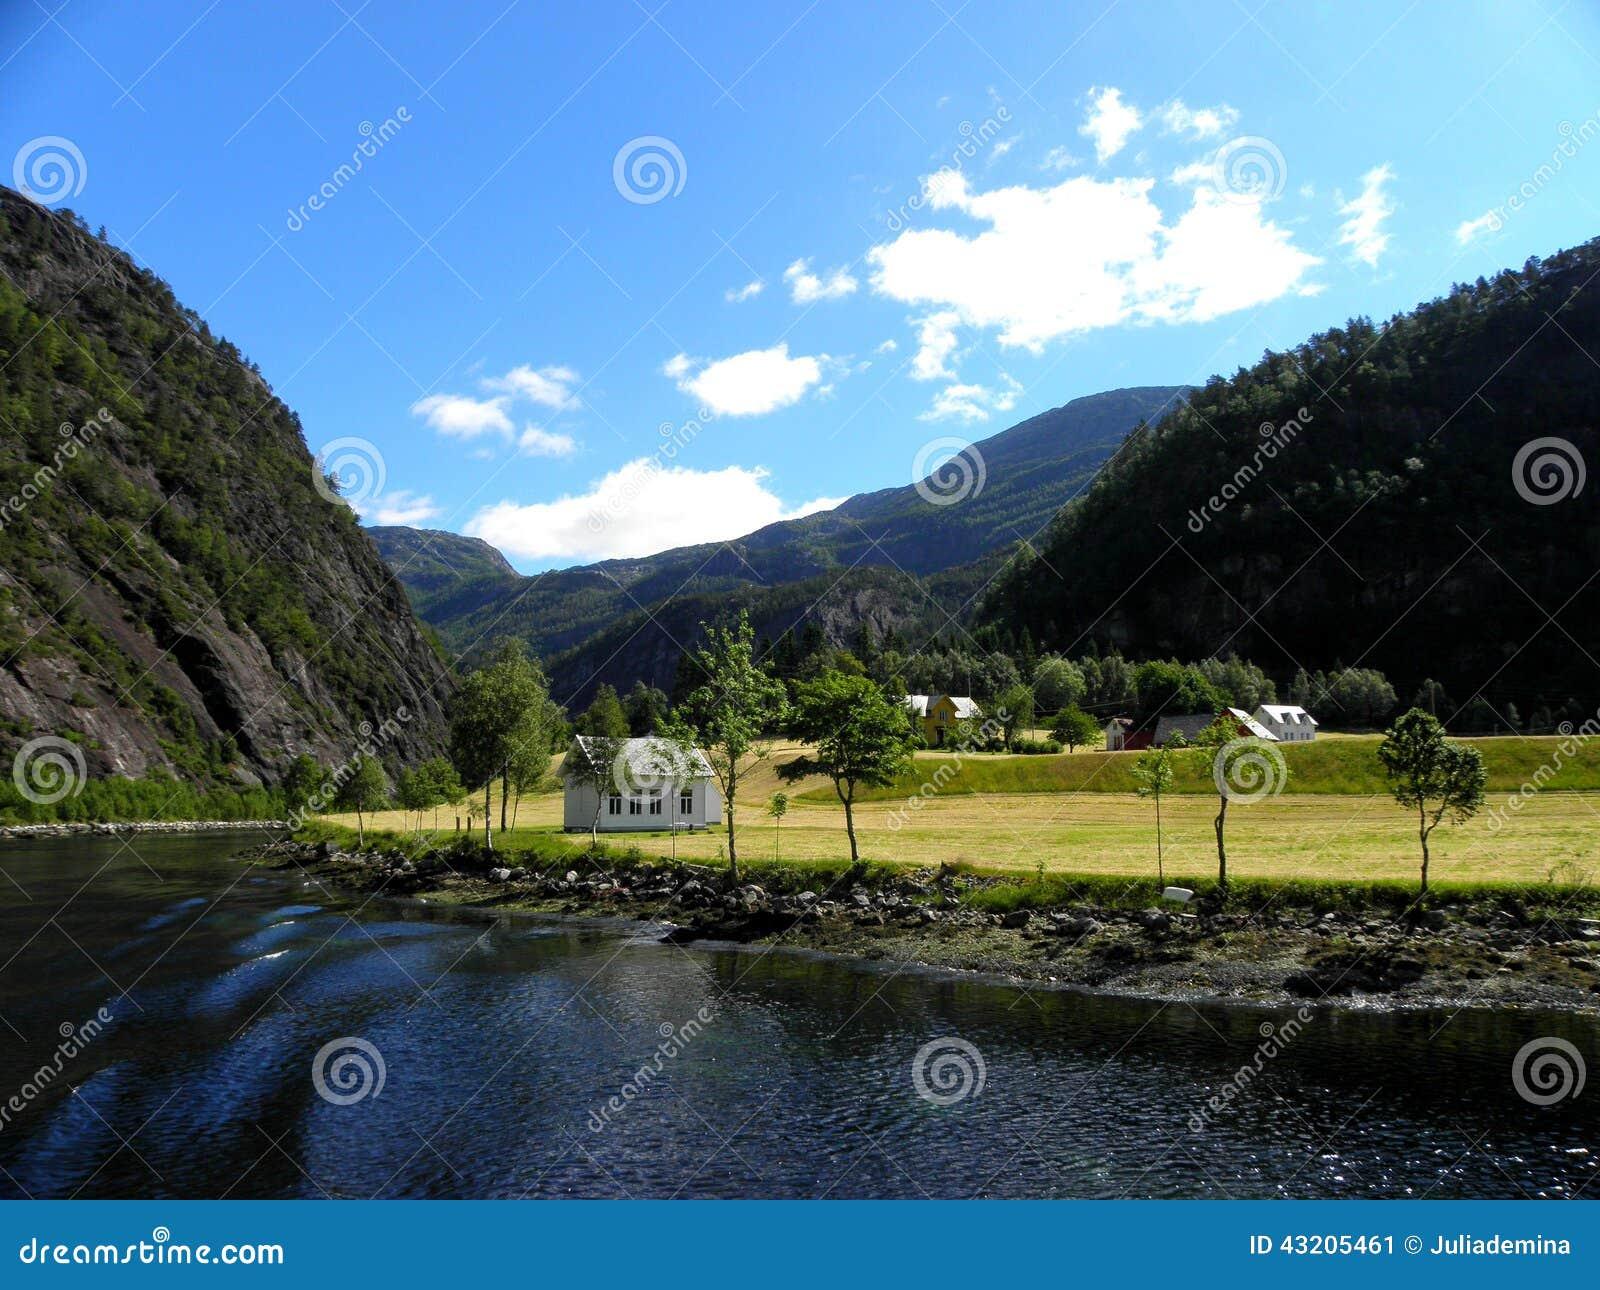 Download Norsk fjord fotografering för bildbyråer. Bild av norrman - 43205461